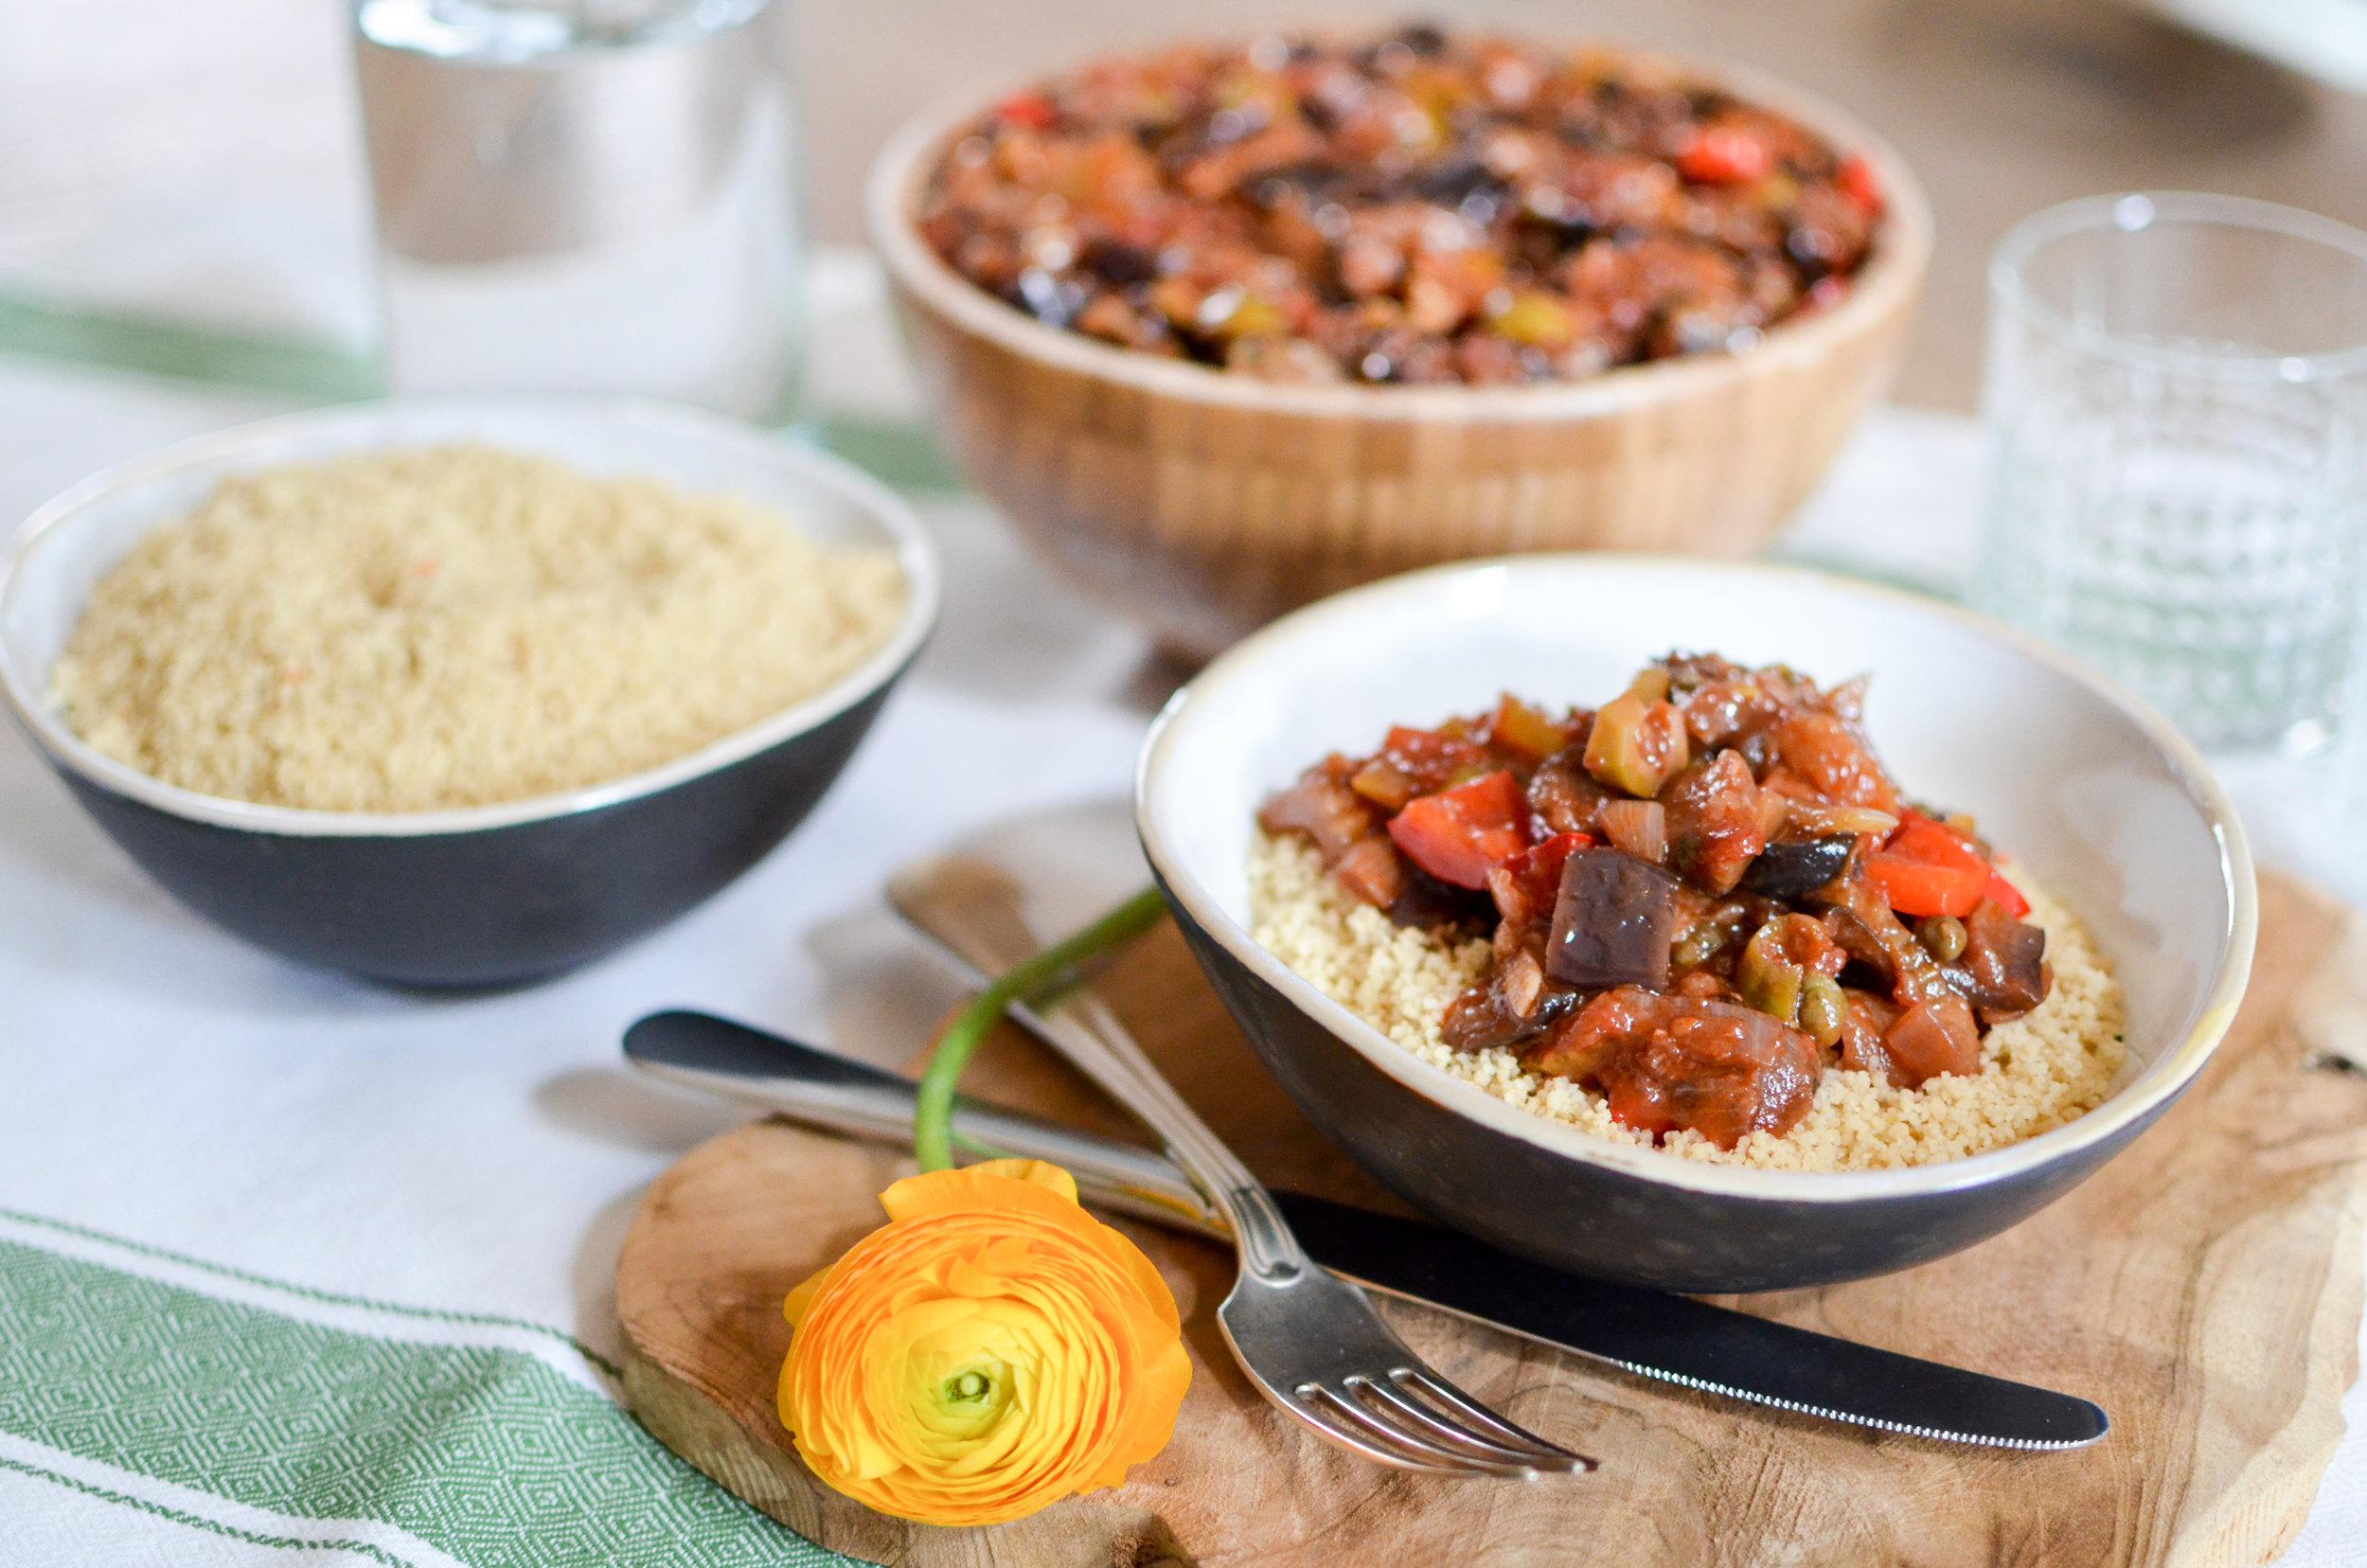 Ingrédients :  Caponata (aubergine,  céleri , paprika, tomate, olives vertes, raisins secs, câpres, agave, oignon, ail, harissa, huile d'olive, sel) ; Couscous ( couscous, bouillon de légumes ).